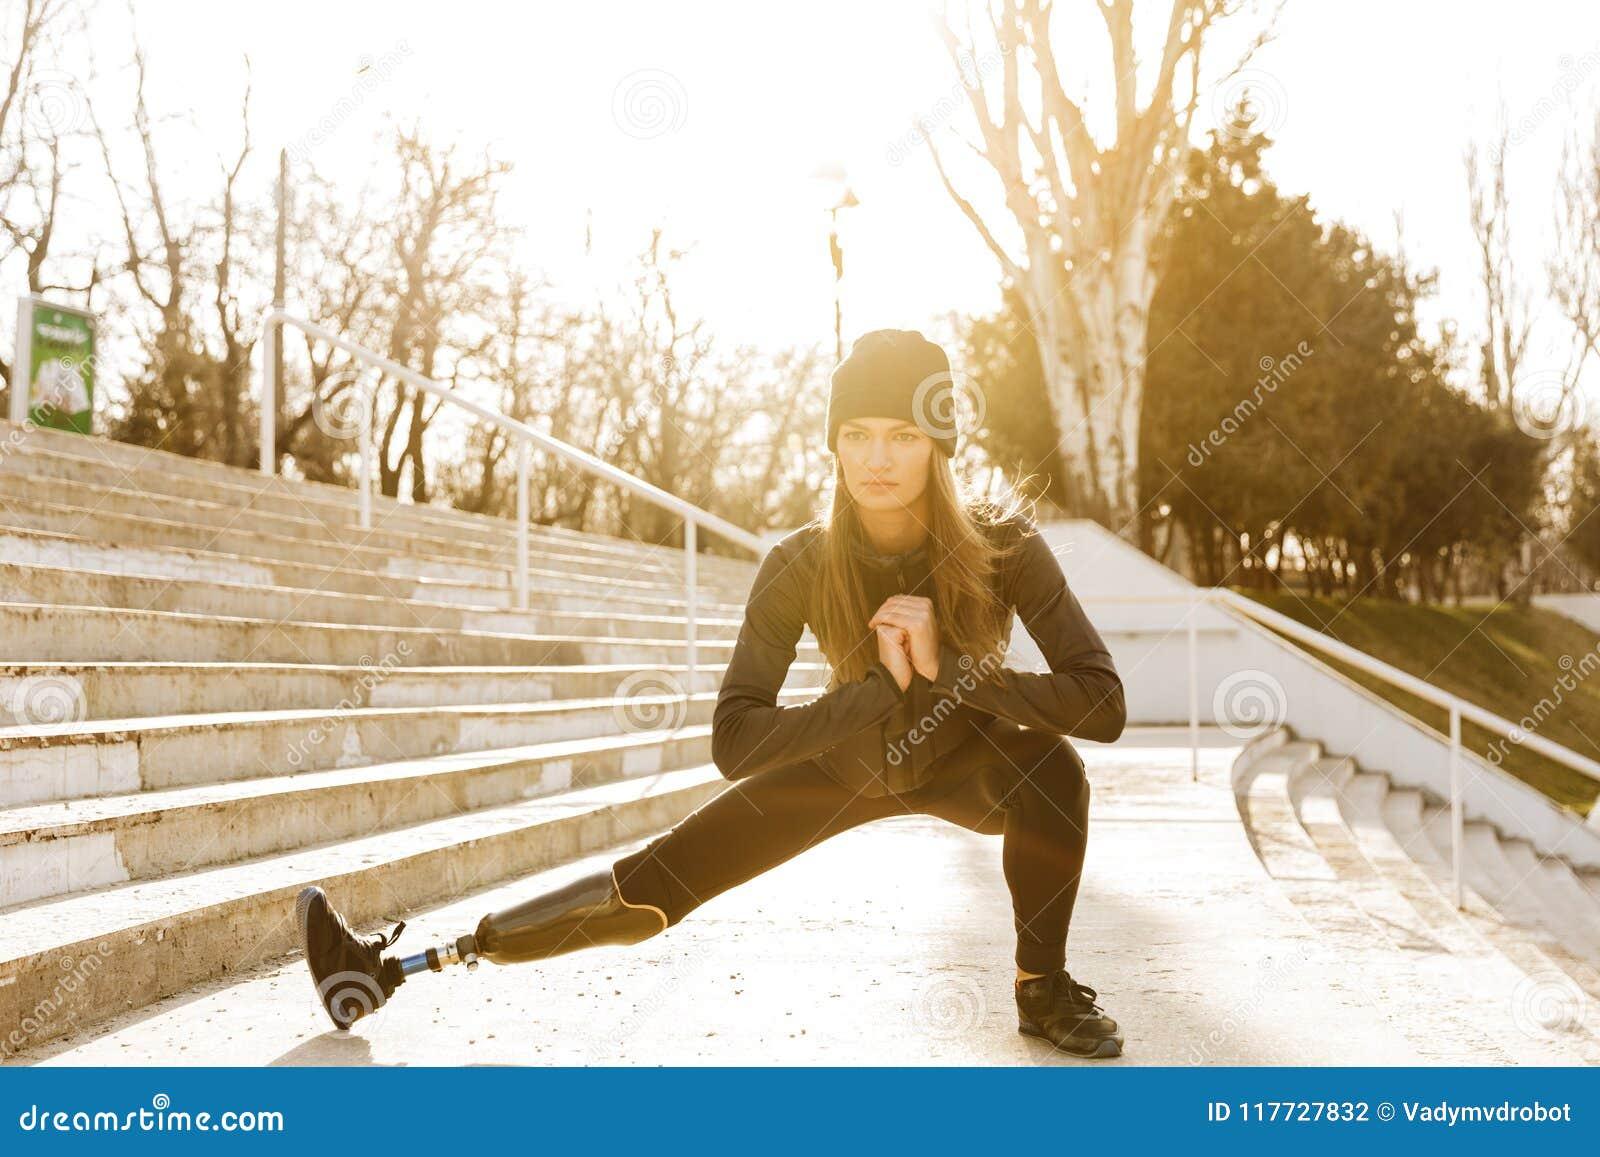 La imagen de la muchacha corriente discapacitada en ropa de deportes, haciendo se sienta sube y